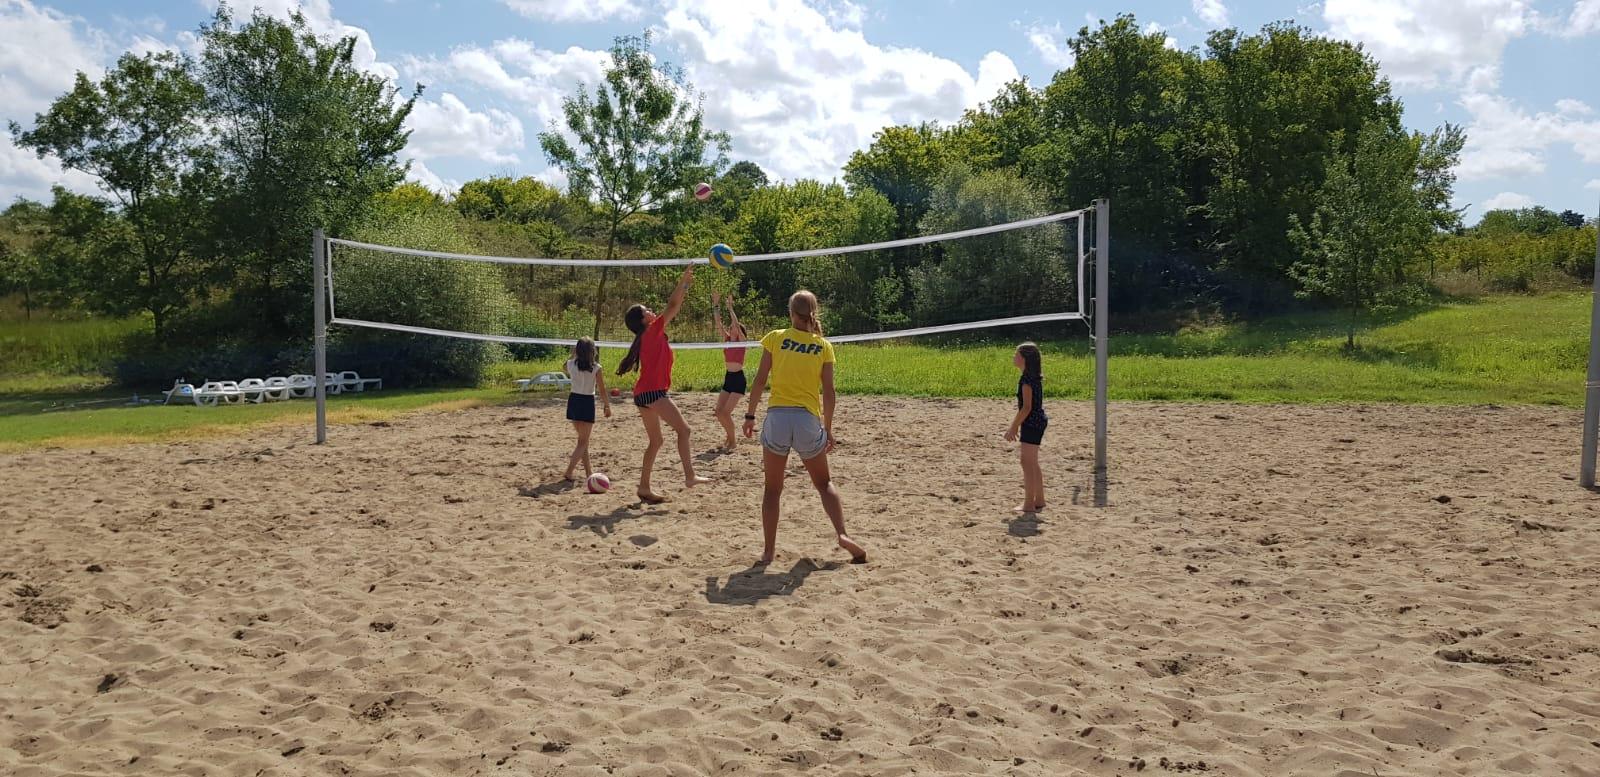 езикови ваканции за деца в България на море Z кемп, Ден 27 - волейболното игрище - пет момичета играят